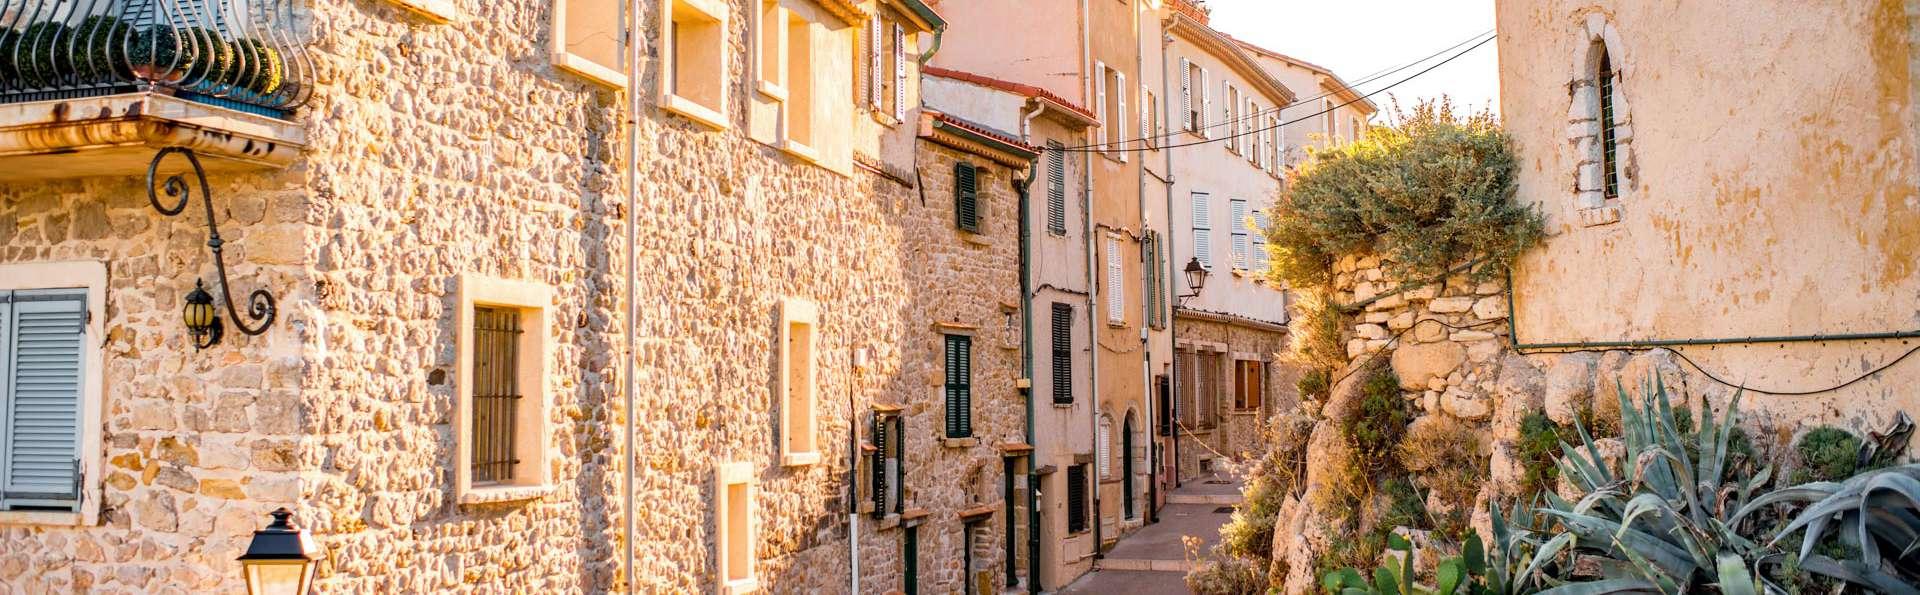 Best Western Plus Antibes Riviera - EDIT_DESTINATION_02.jpg